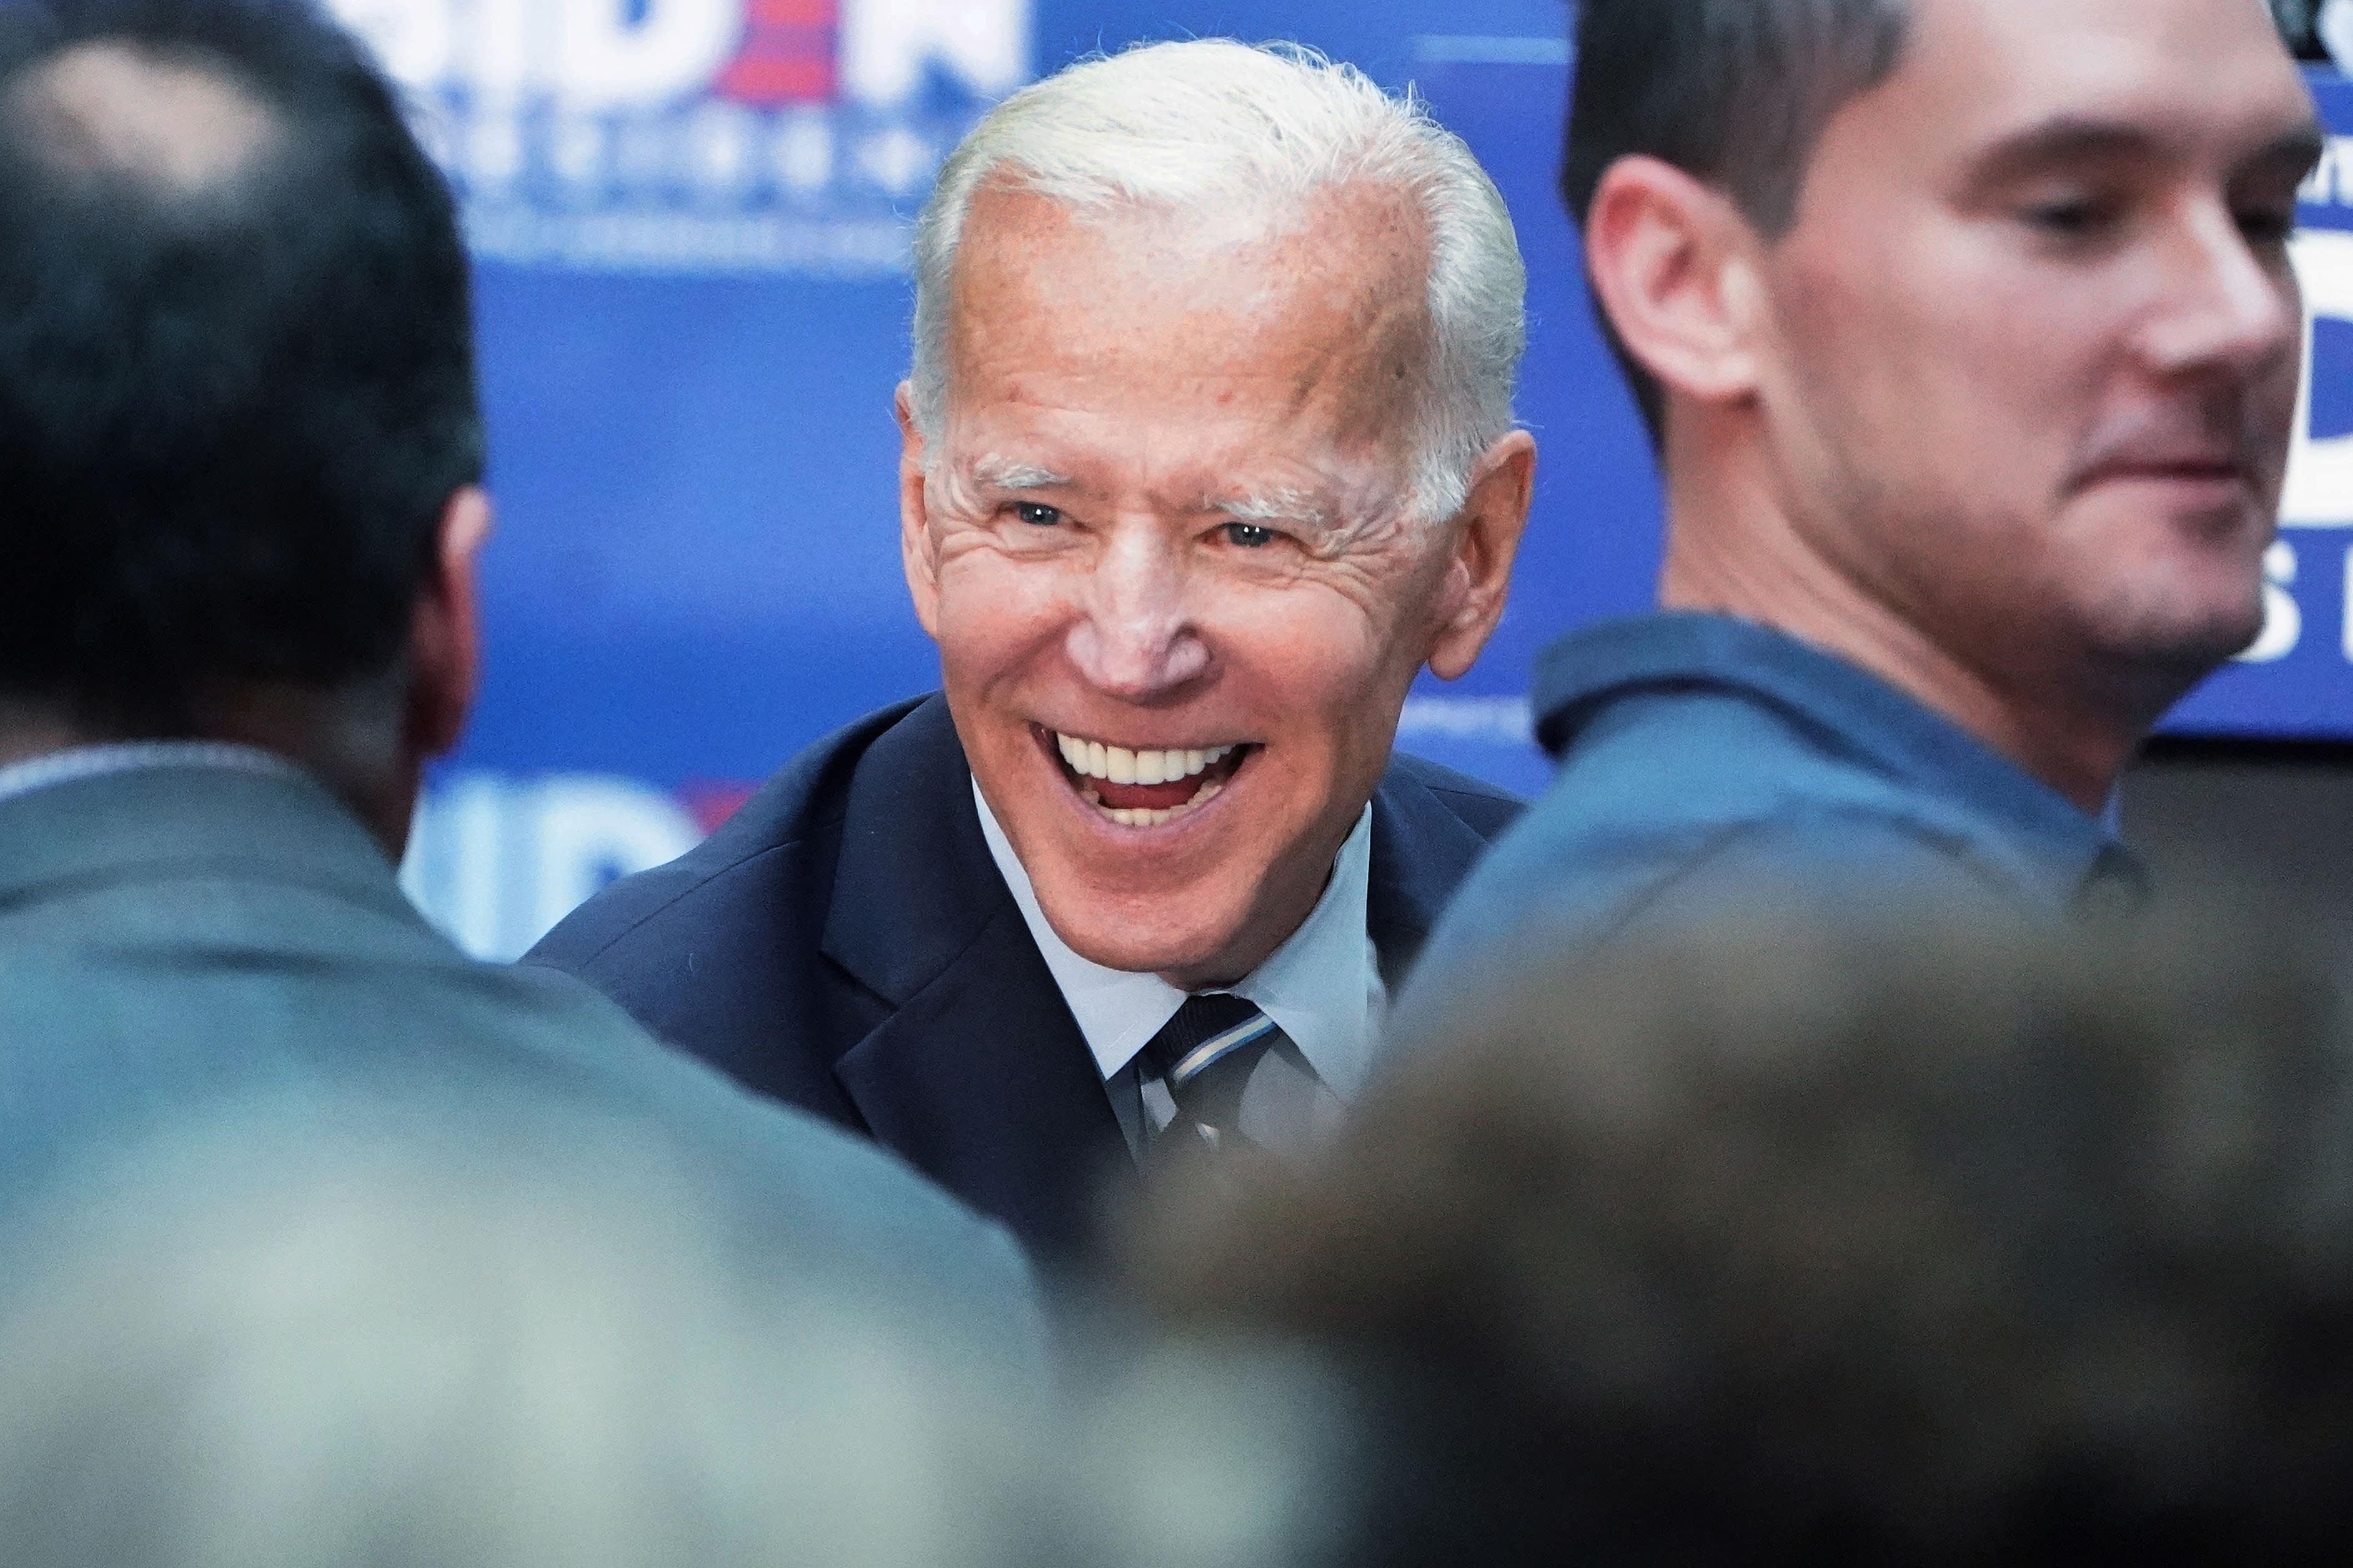 Biden leads 2020 Democratic race, followed by Warren, Harris and Sanders: NBC/WSJ poll